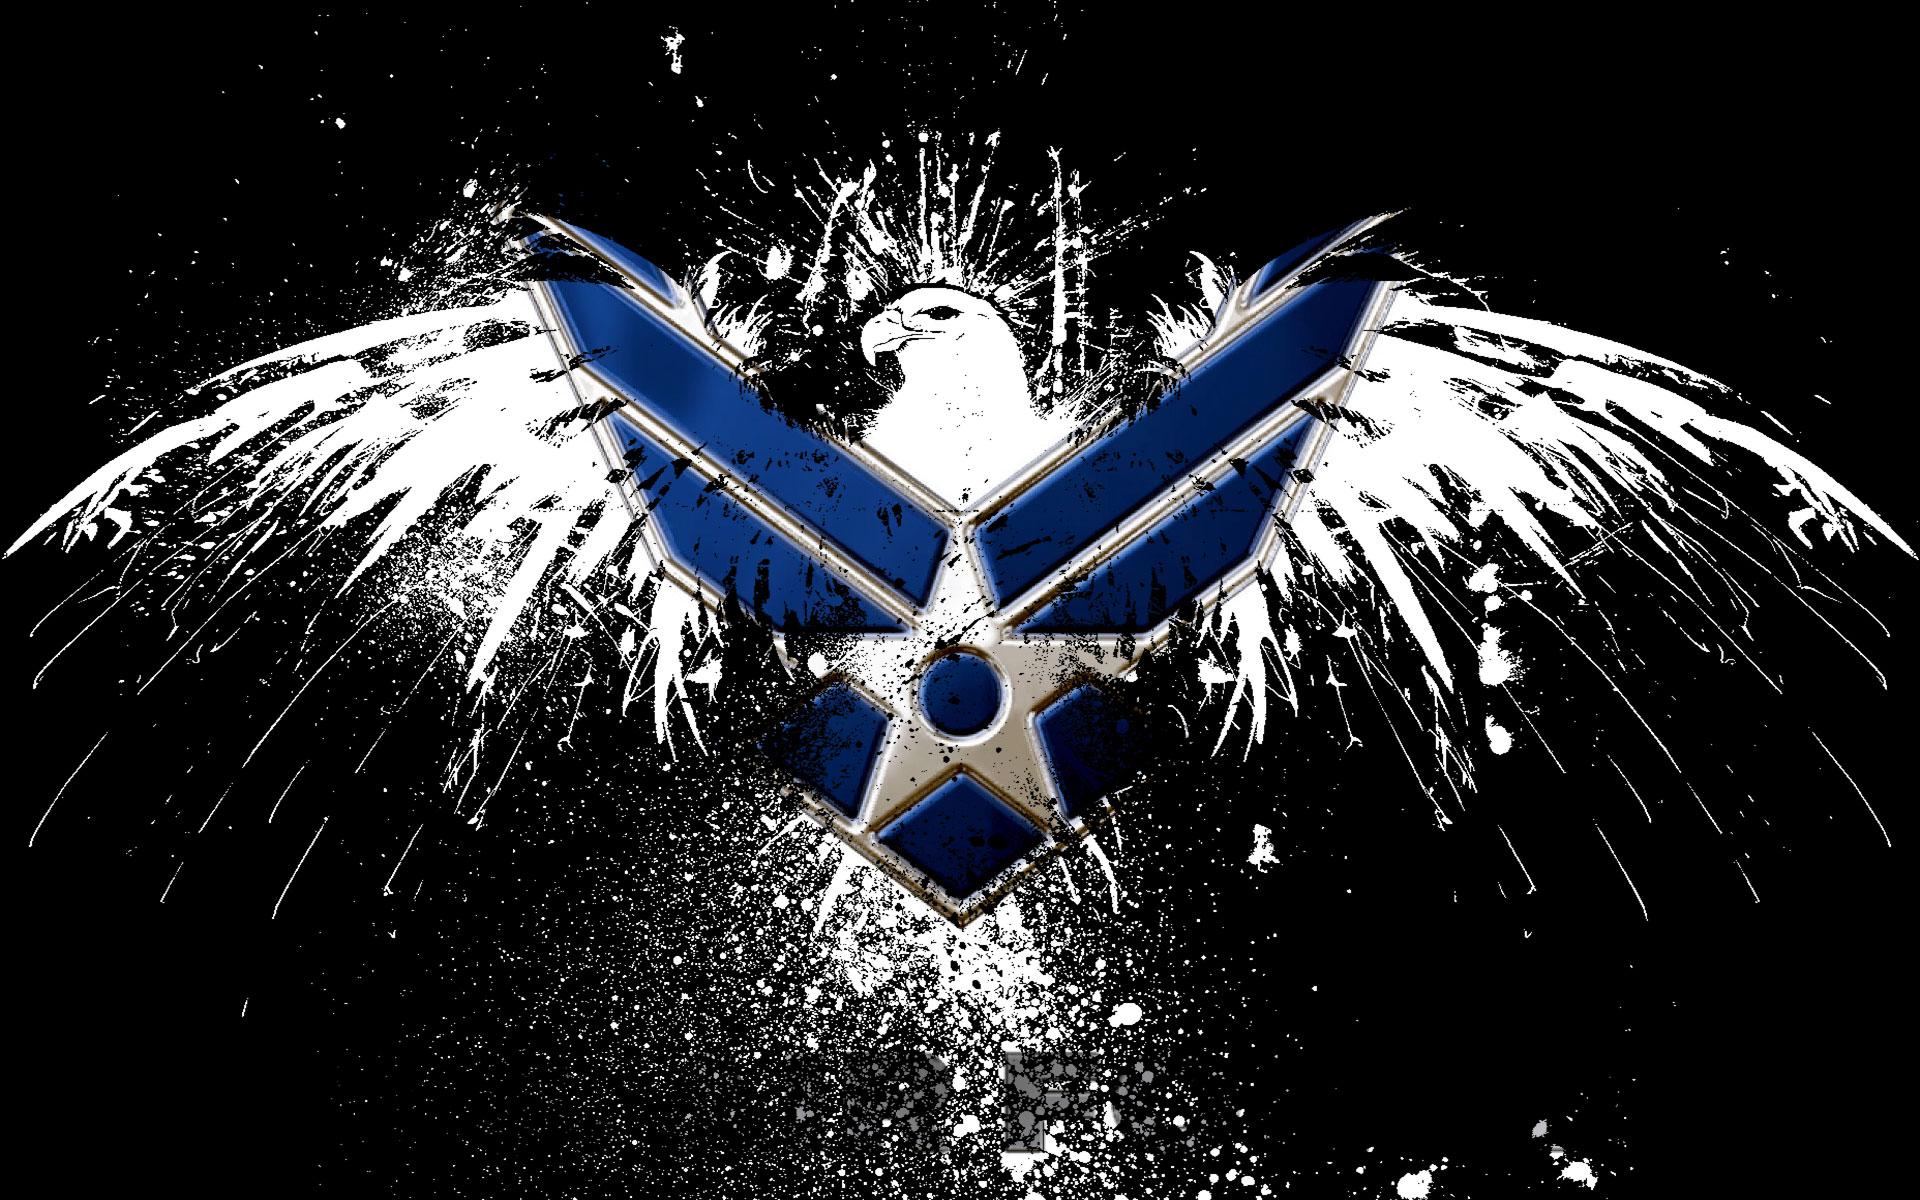 page size 1920x1200 desktop wallpaper of military logo 1920x1200